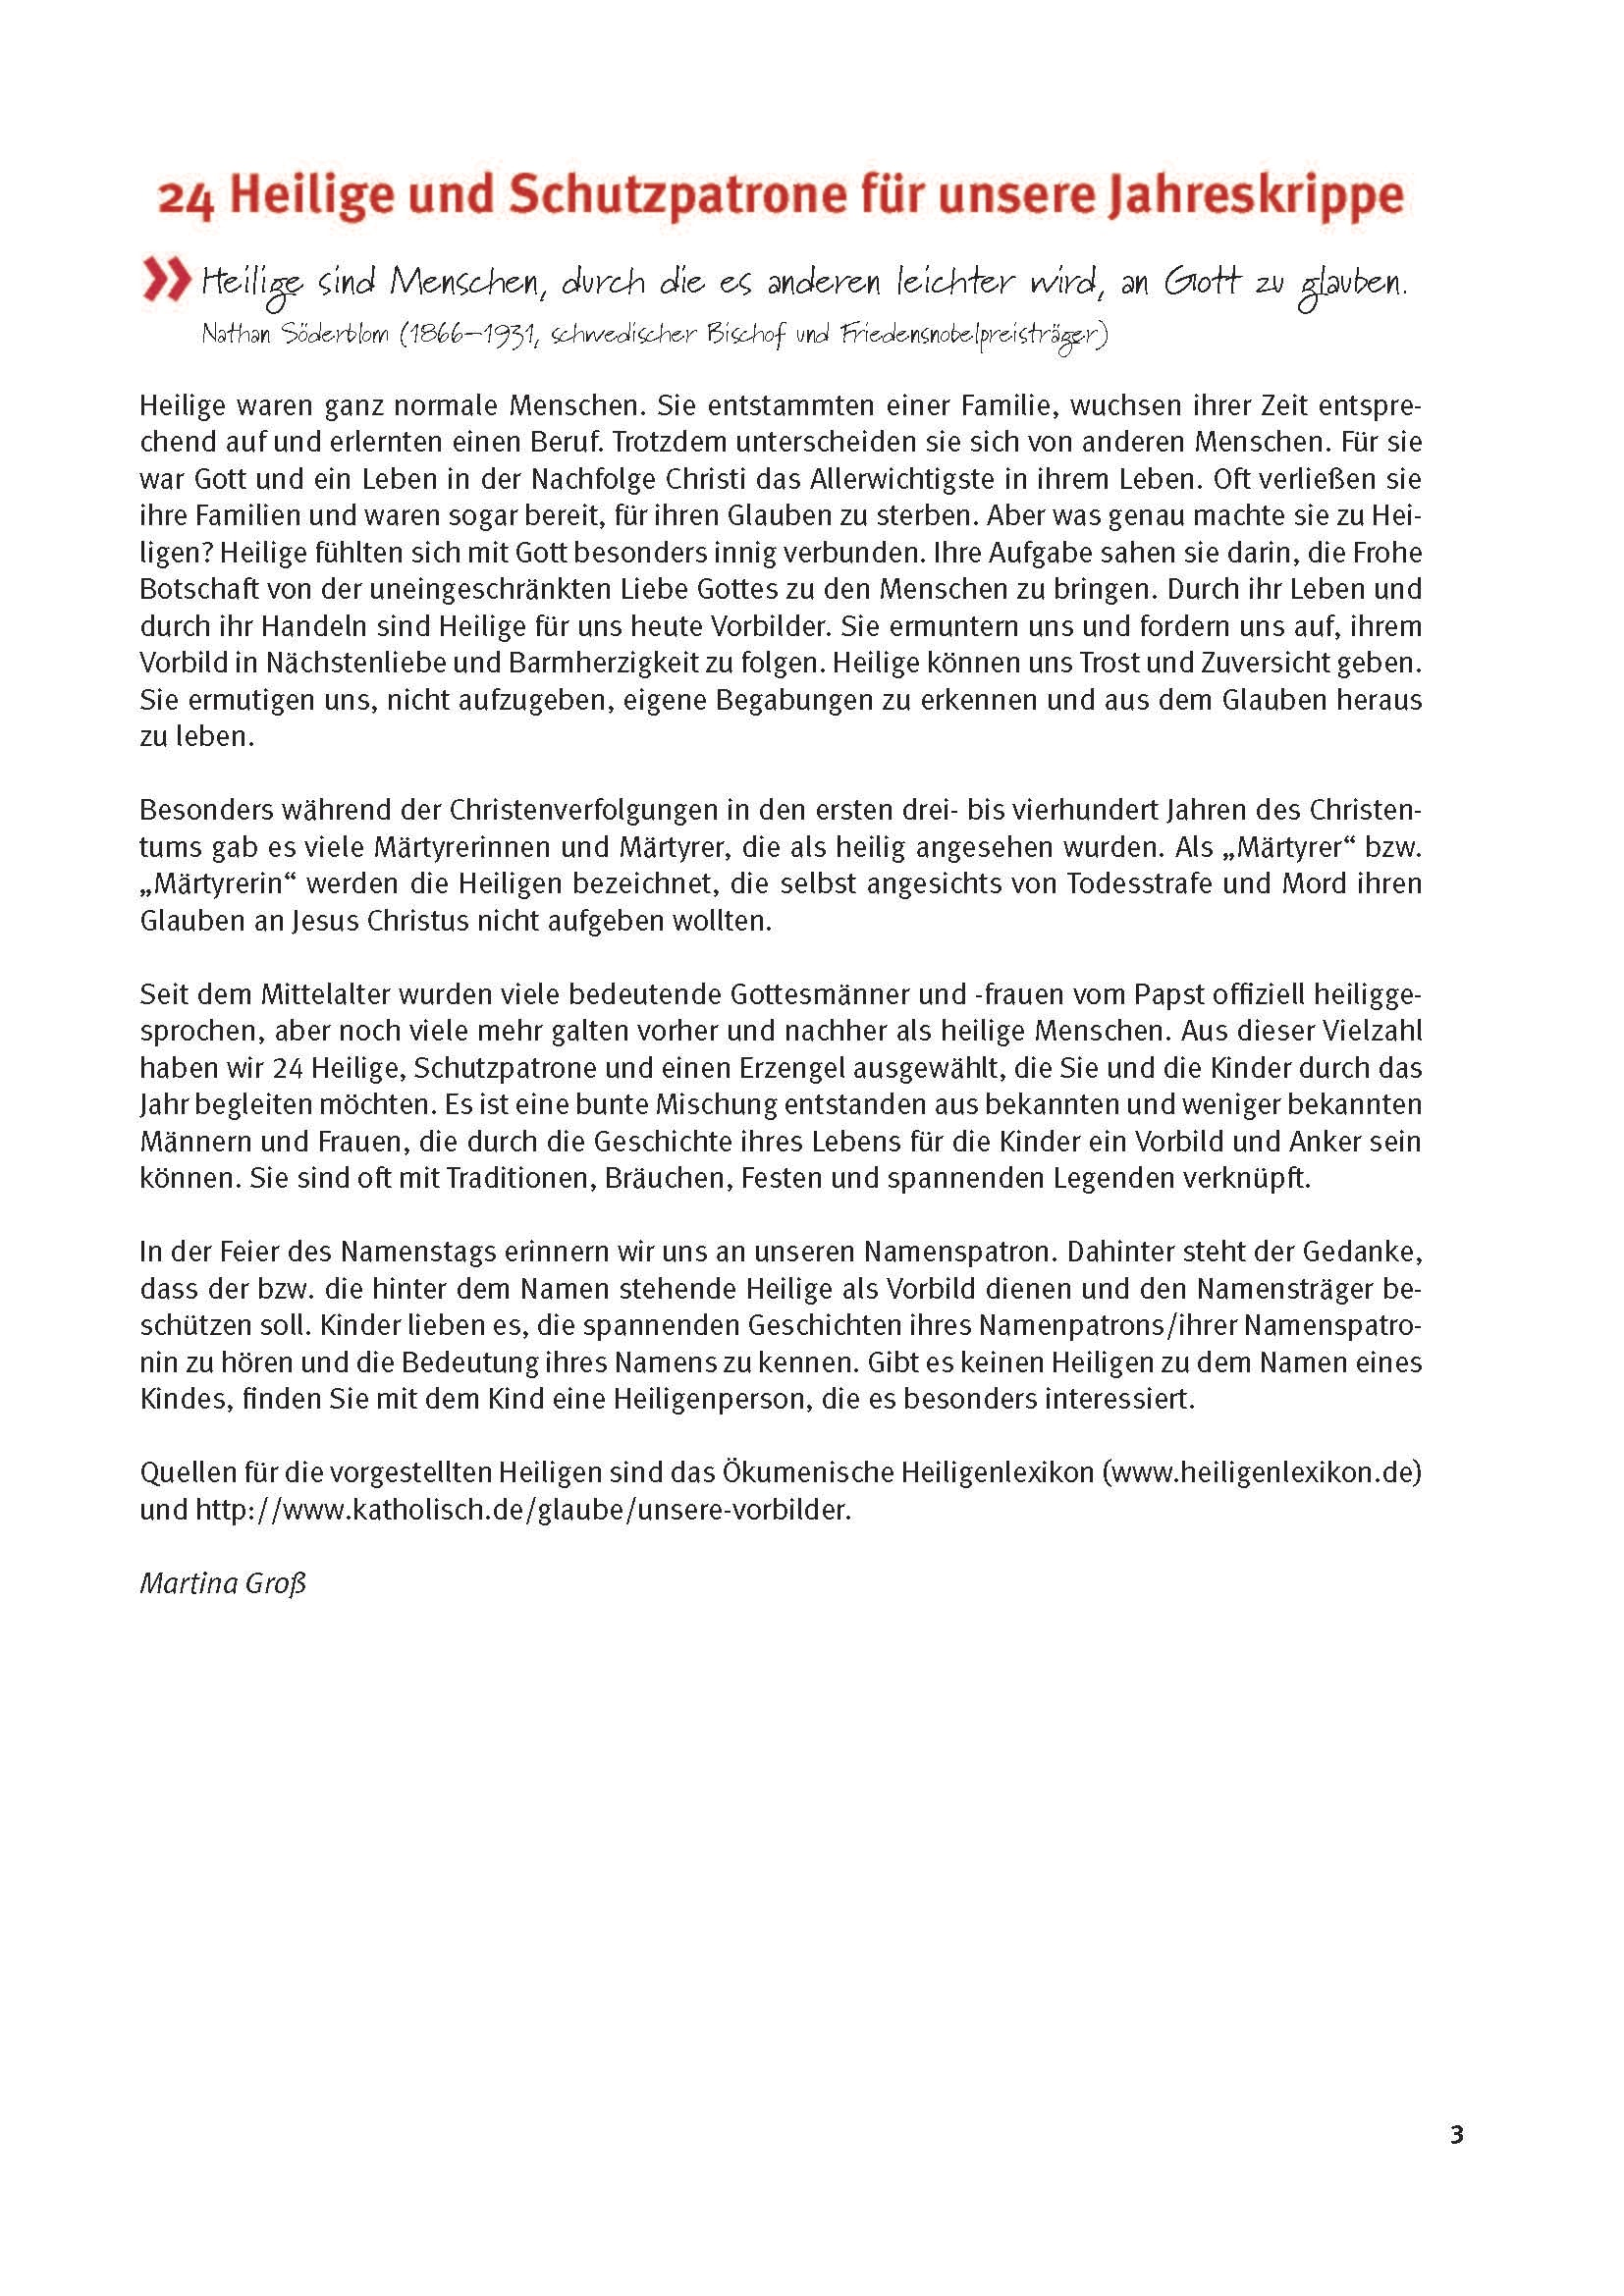 Innenansicht zu 24 Heilige und Schutzpatrone für unsere Jahreskrippe. eKami.